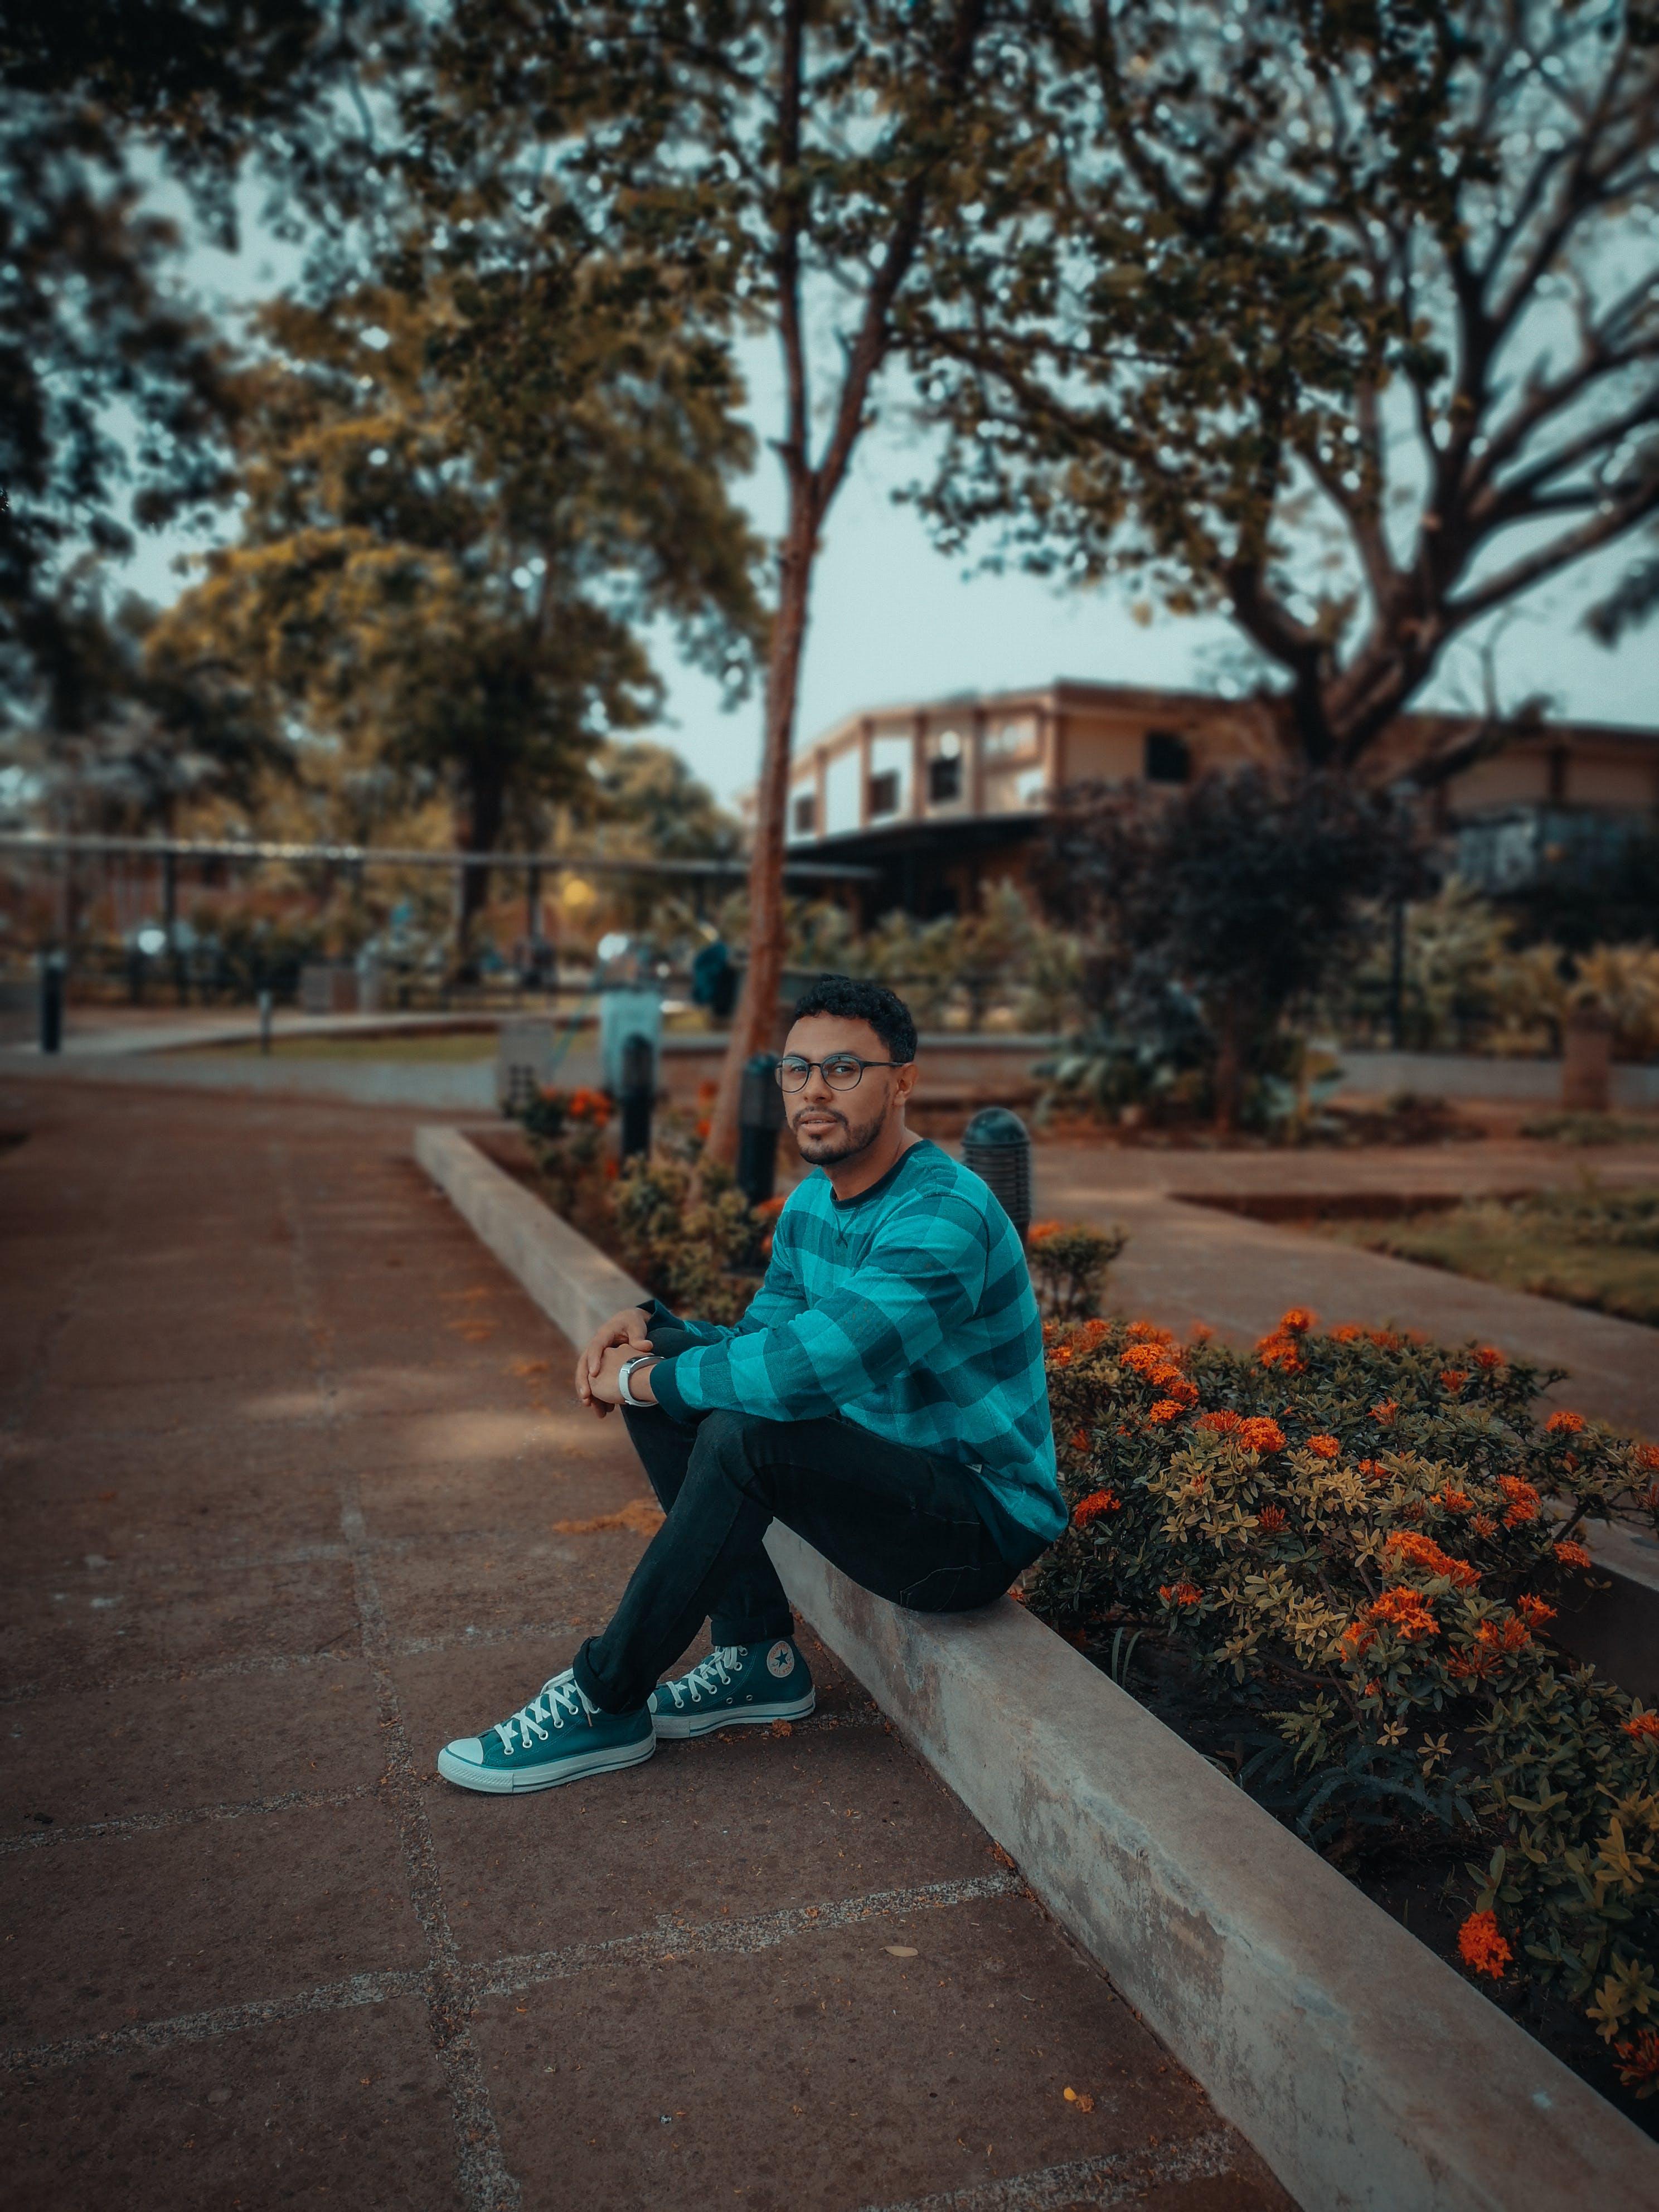 Ingyenes stockfotó Férfi, kültéri kihívás, mobilkihívás, park témában